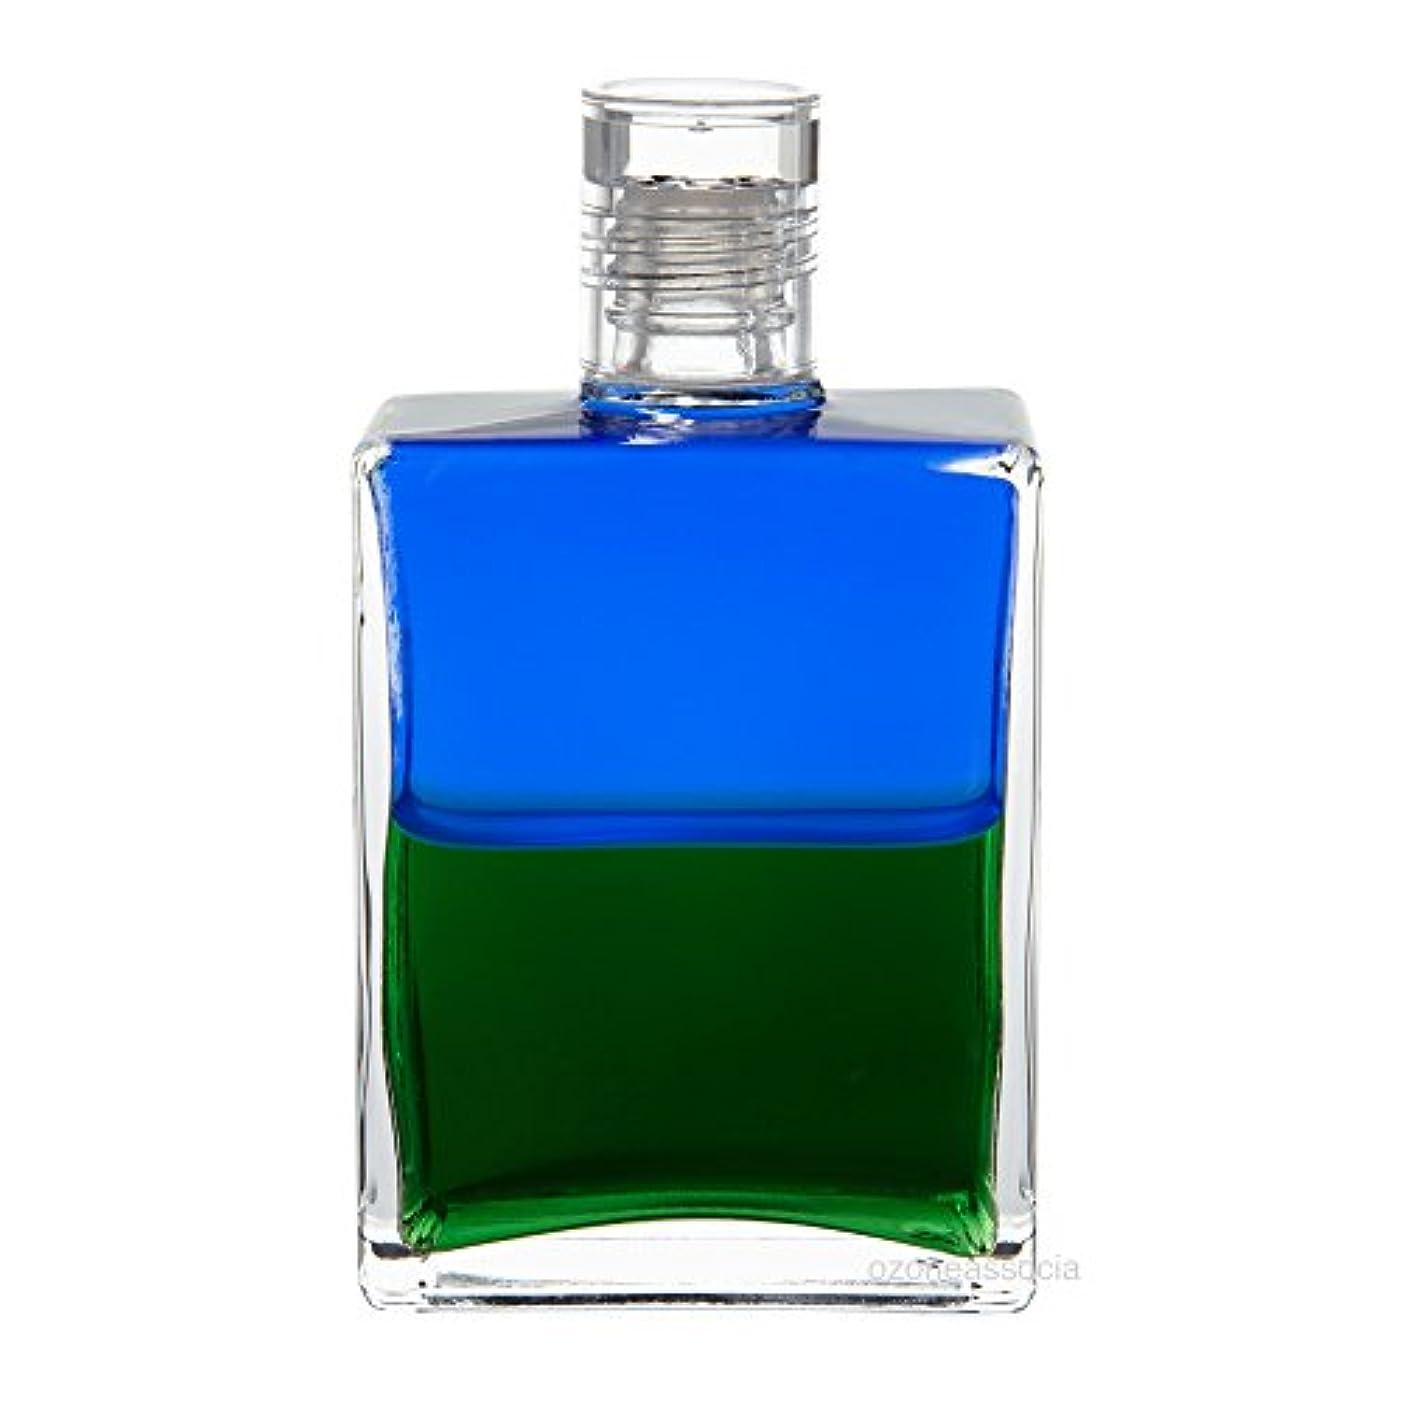 領事館安全運動するオーラソーマ ボトル 3番 ハートイクイリブリアムボトル/アトランティアンイクイリブリアムボトル (ブルー/グリーン) イクイリブリアムボトル50ml